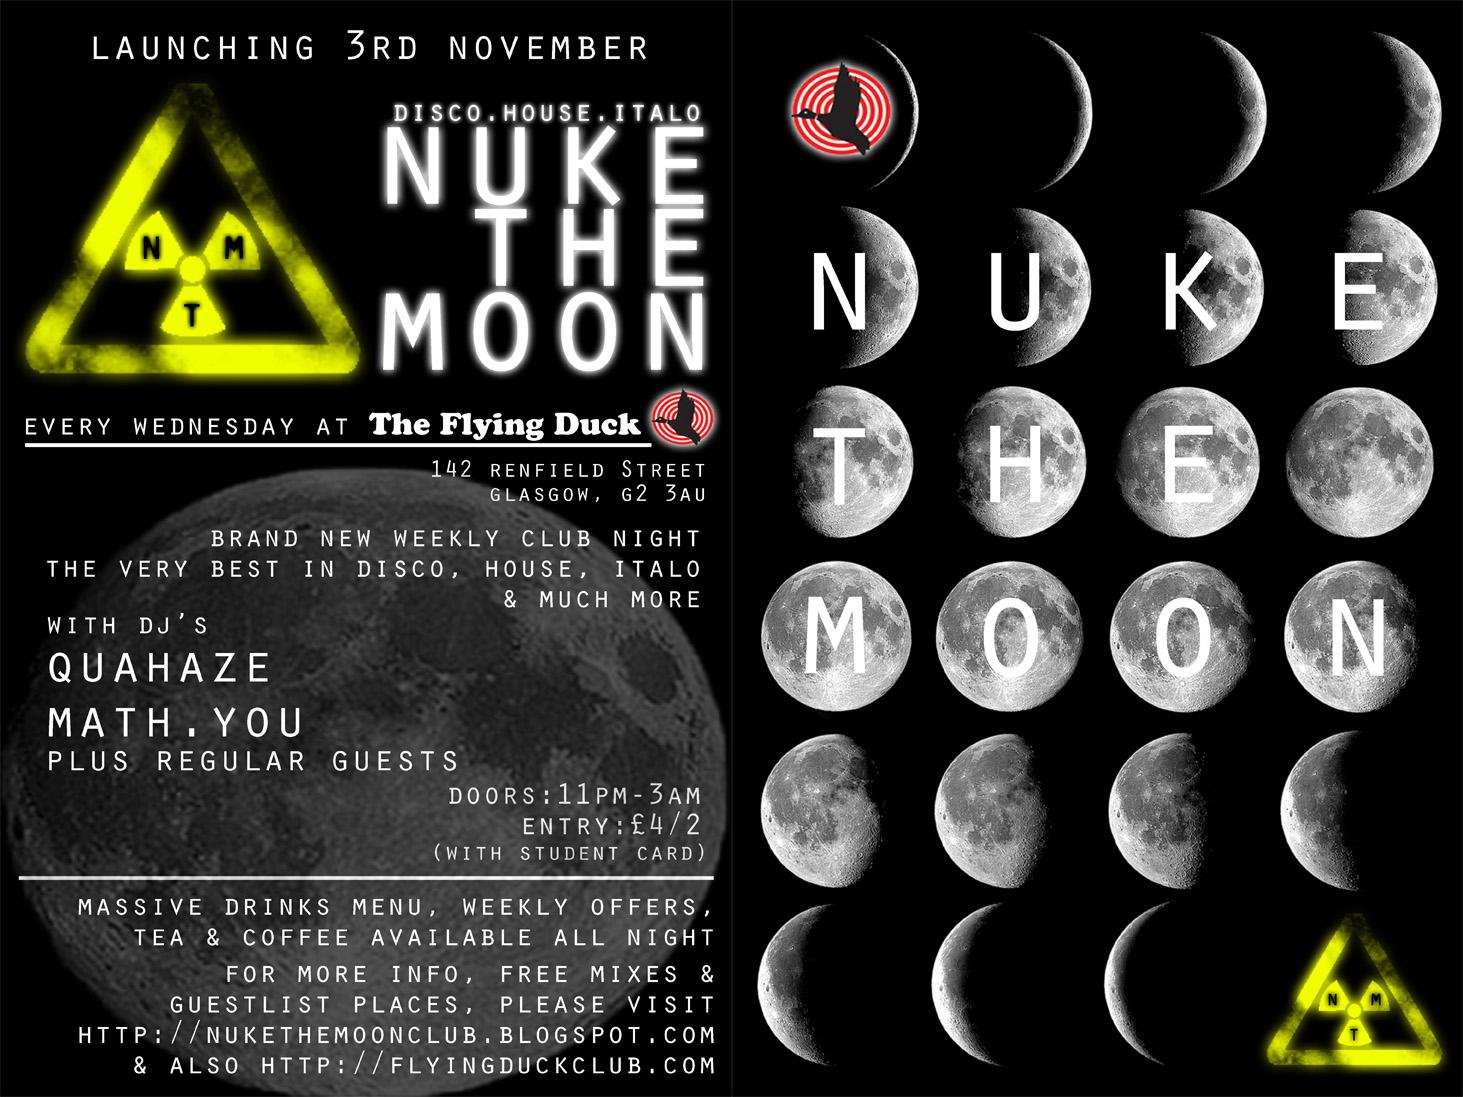 nuke the moon essay